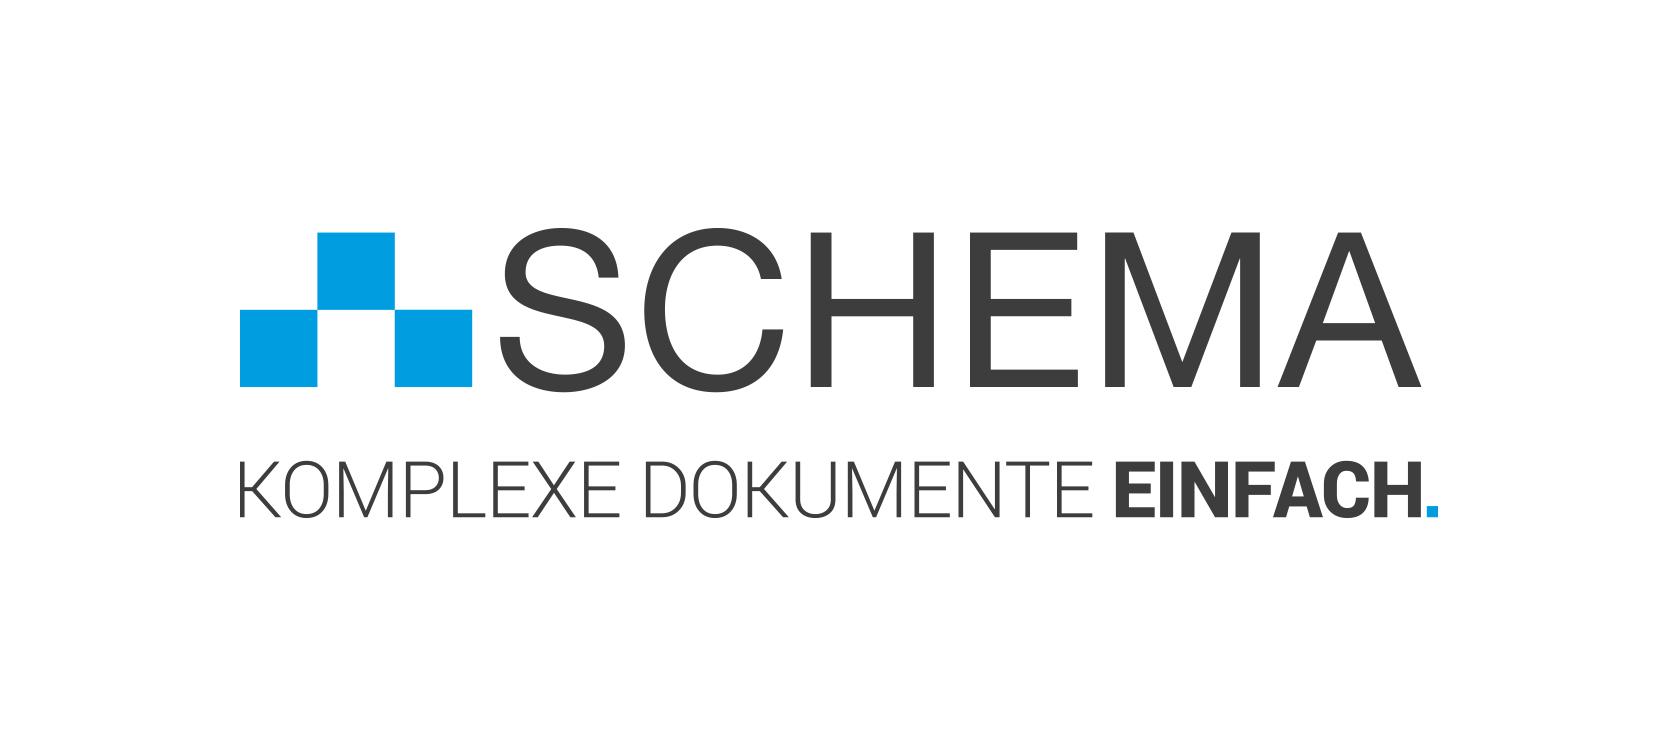 SCHEMA  - Komplexe Dokumente einfach.